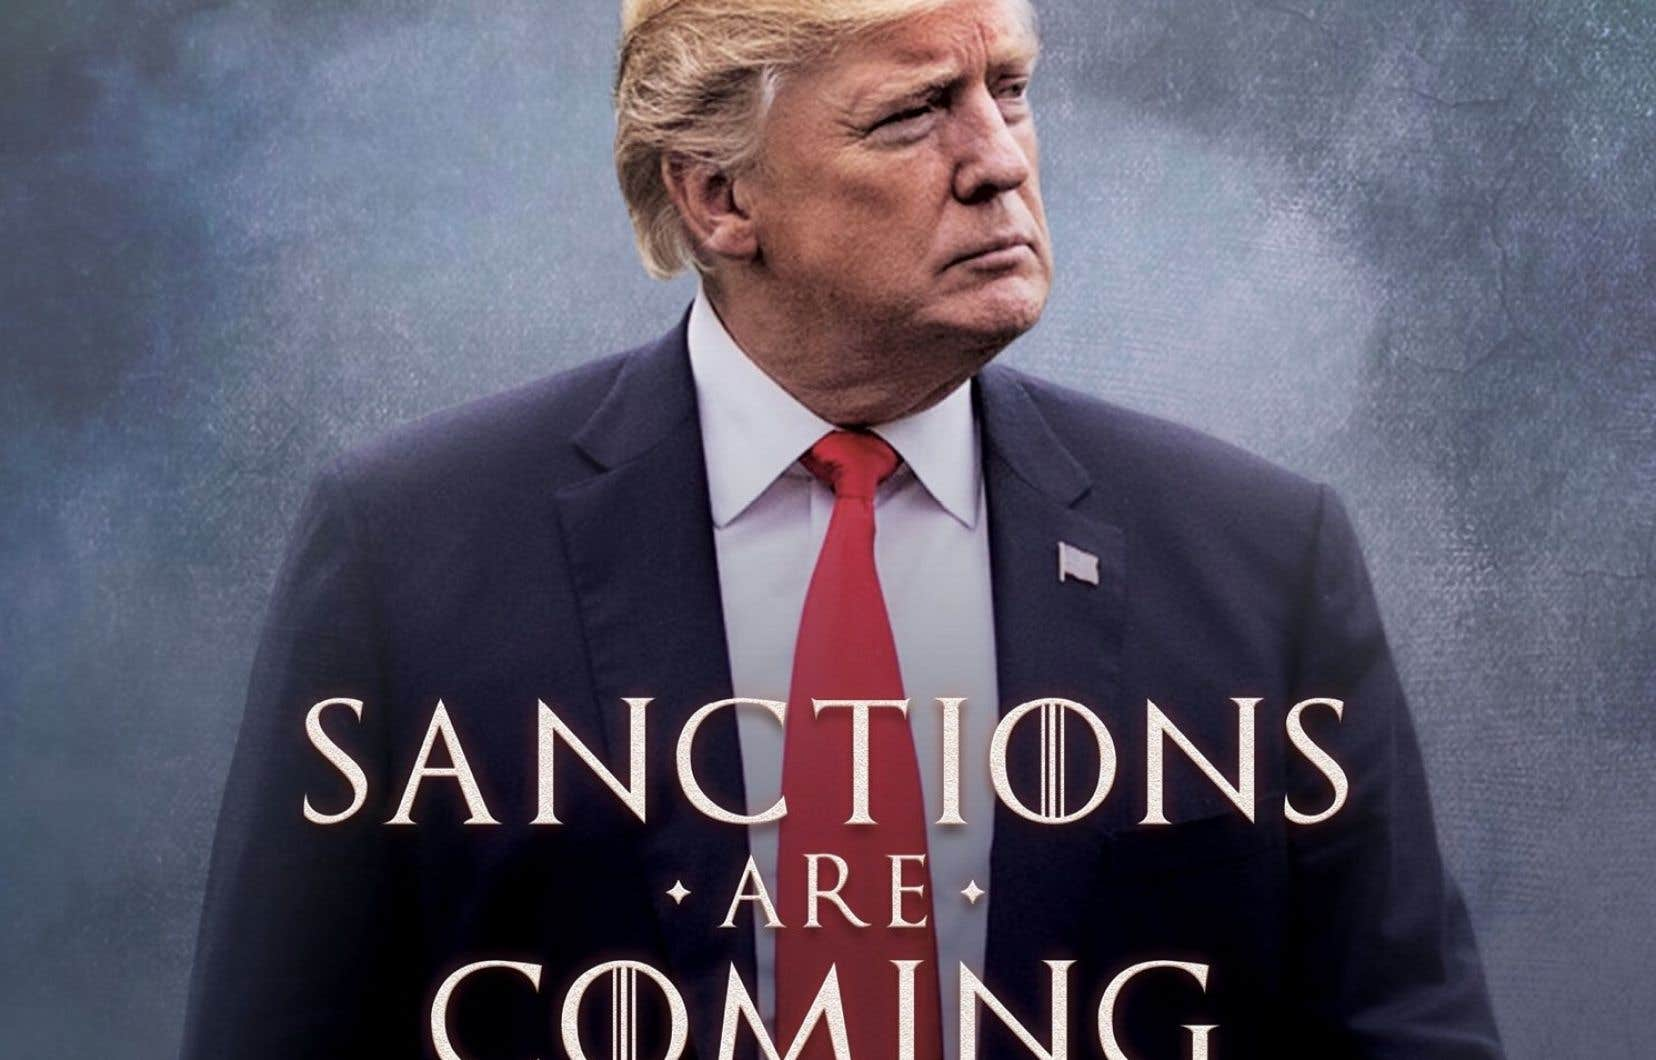 Sur son compte Twitter, le président américain, Donald Trump, a posté une affiche détournant une phrase emblématique de la série «Game of Thrones» pour saluer le rétablissement des sanctions contre l'Iran.